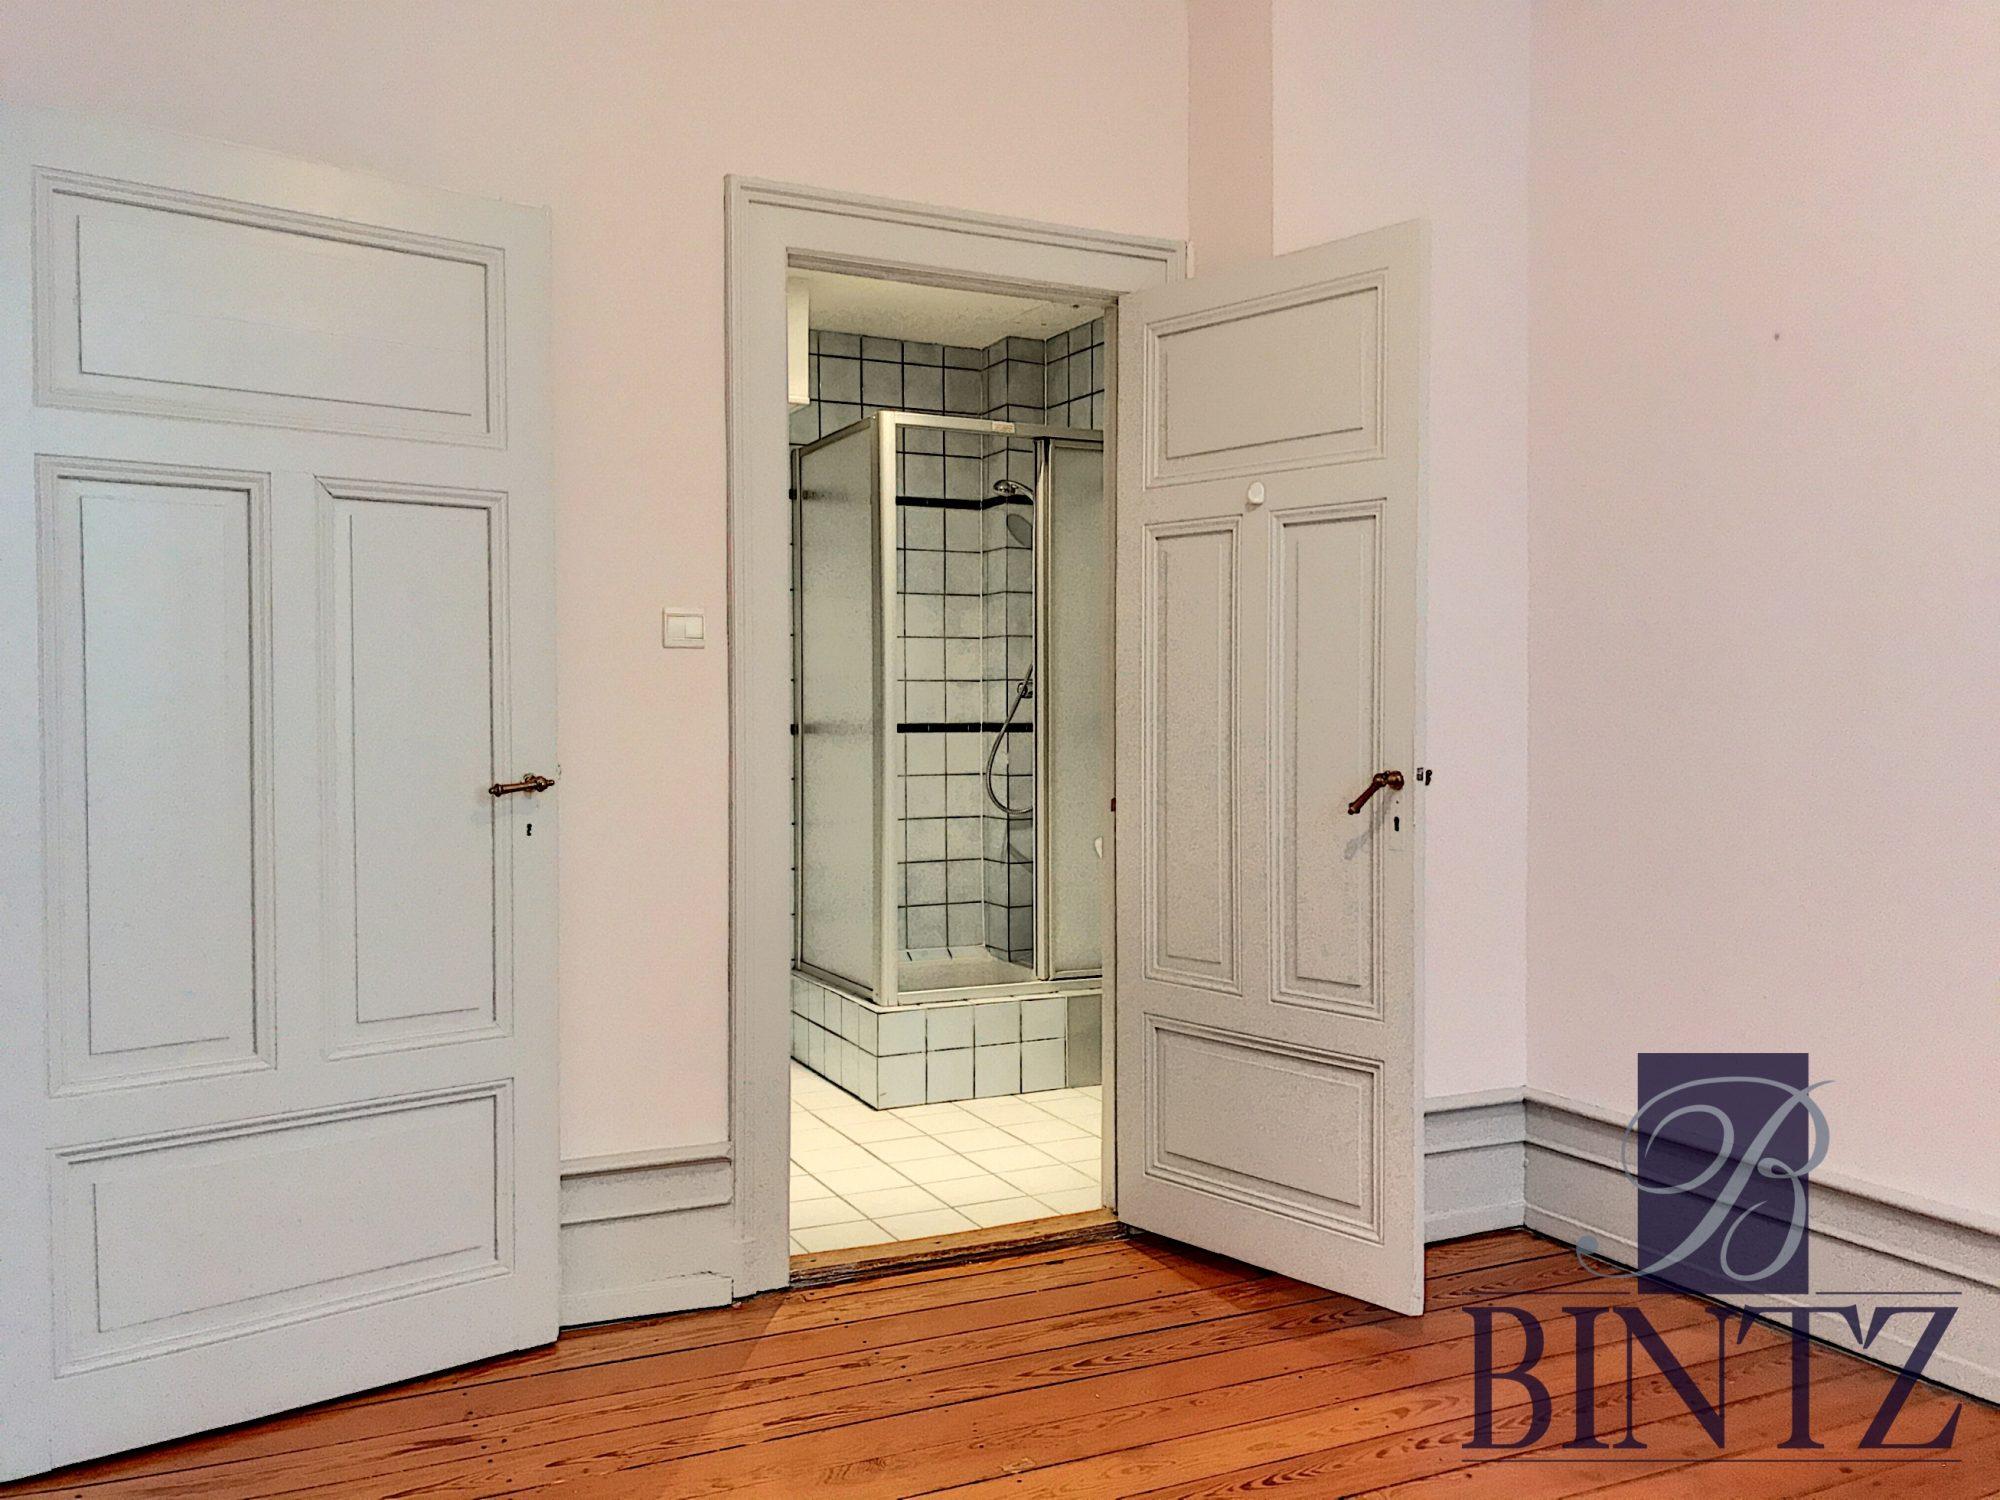 5 PIÈCES QUARTIER CONTADES AVEC 2 BALCONS - Devenez propriétaire en toute confiance - Bintz Immobilier - 10